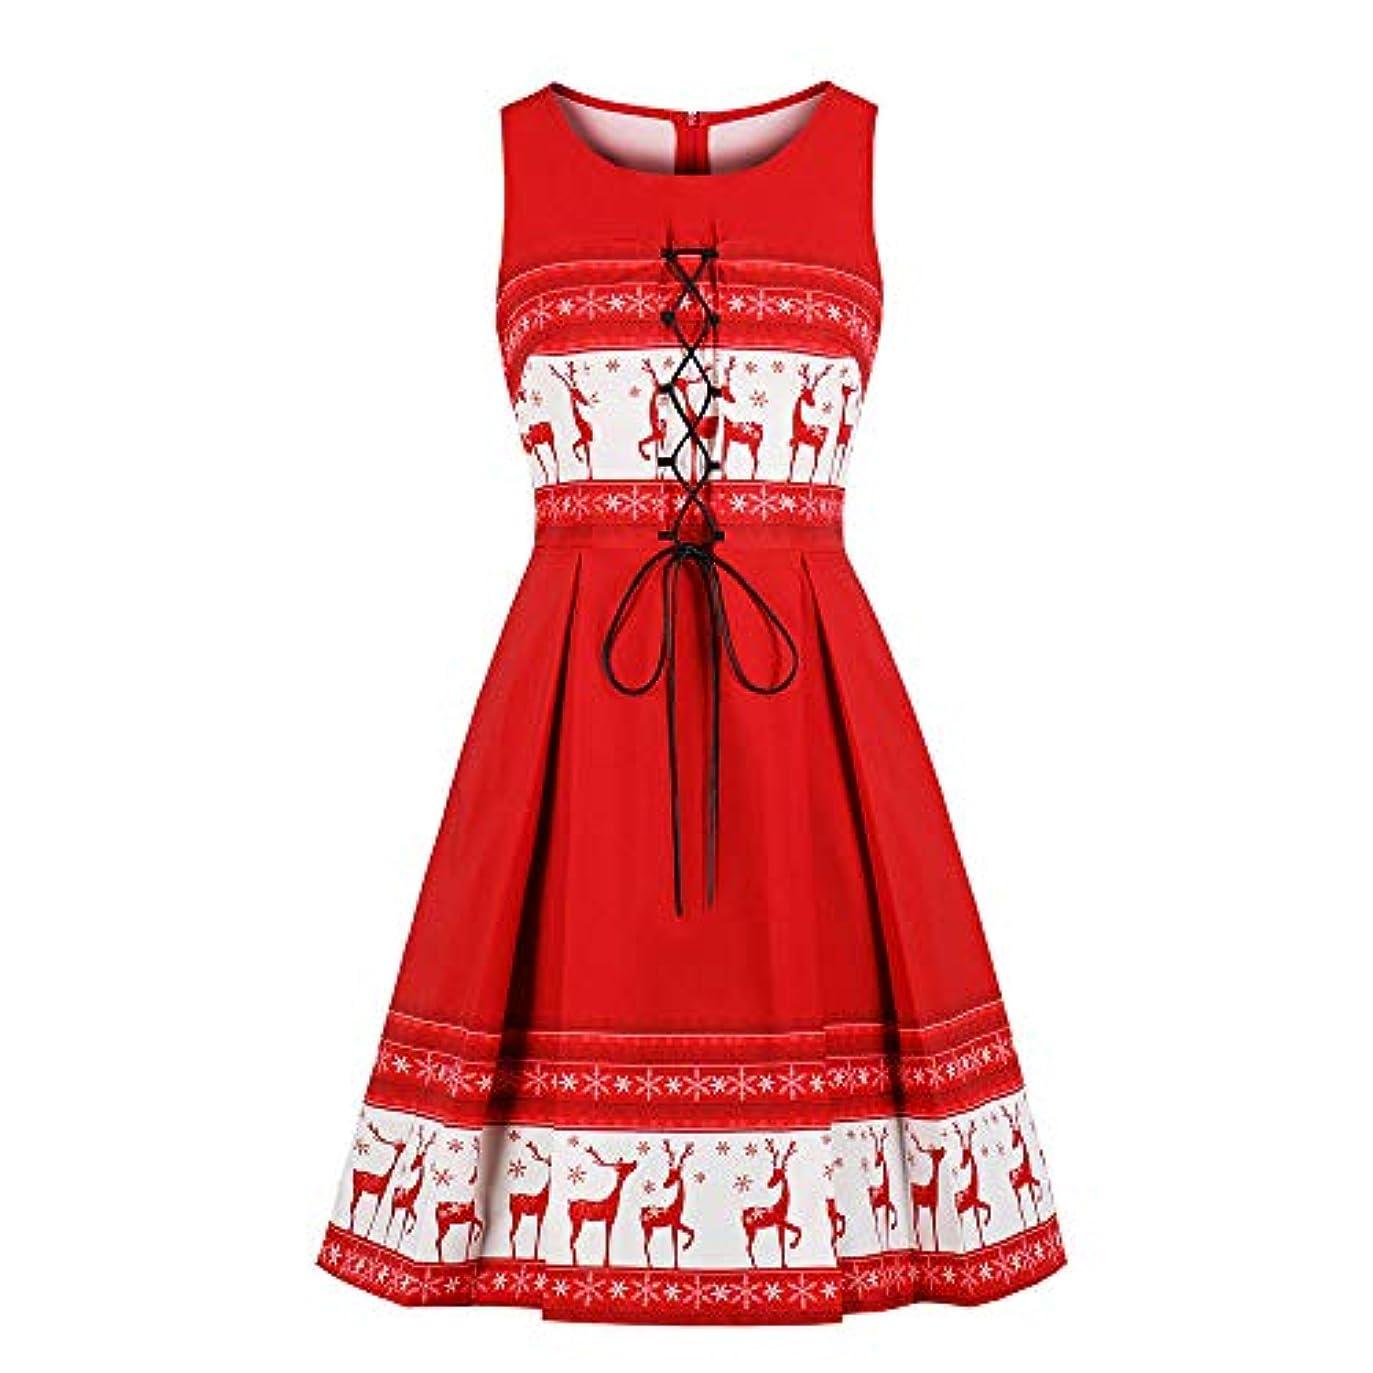 外観脅威信者ワンピース BOBOGOJP 4種類 S?4XL クリスマス スペシャル 女性 レディース ビンテージ アンティーク 華やかな 美しい 主人公 ノースリーブ イブニングパーティー ドレス スイング ドレス